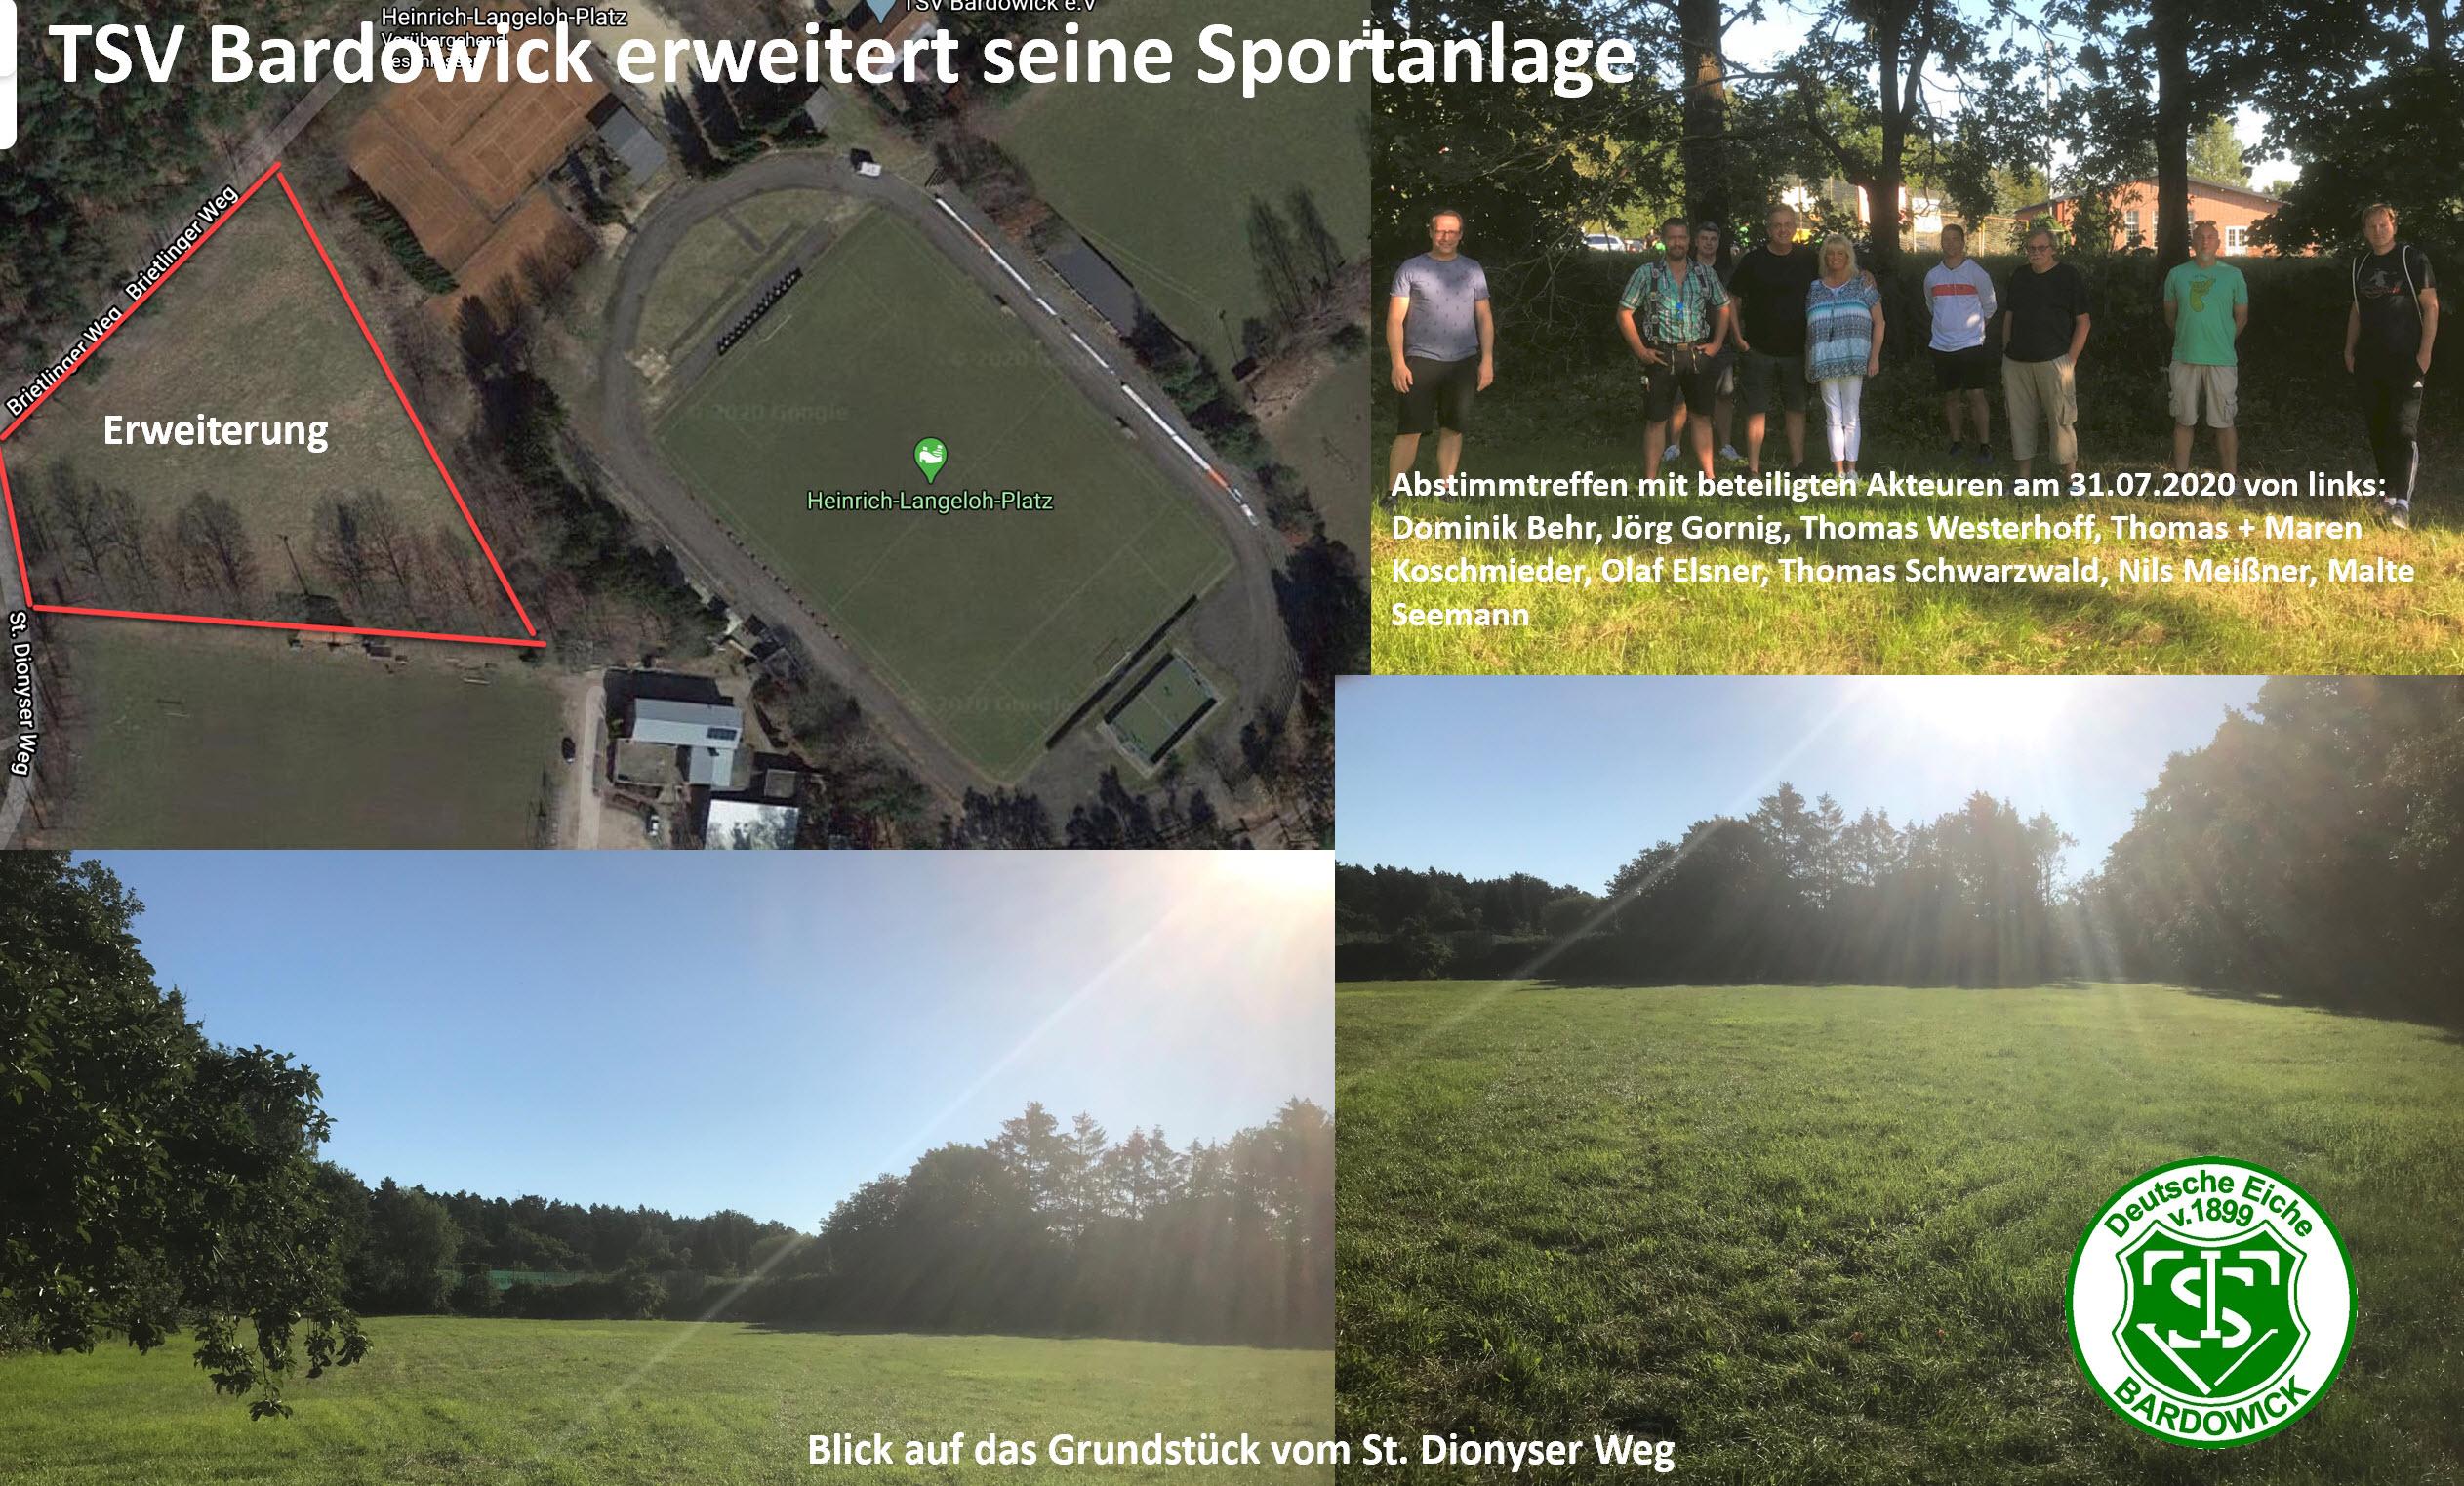 TSV Bardowick erweitert seine Sportanlage